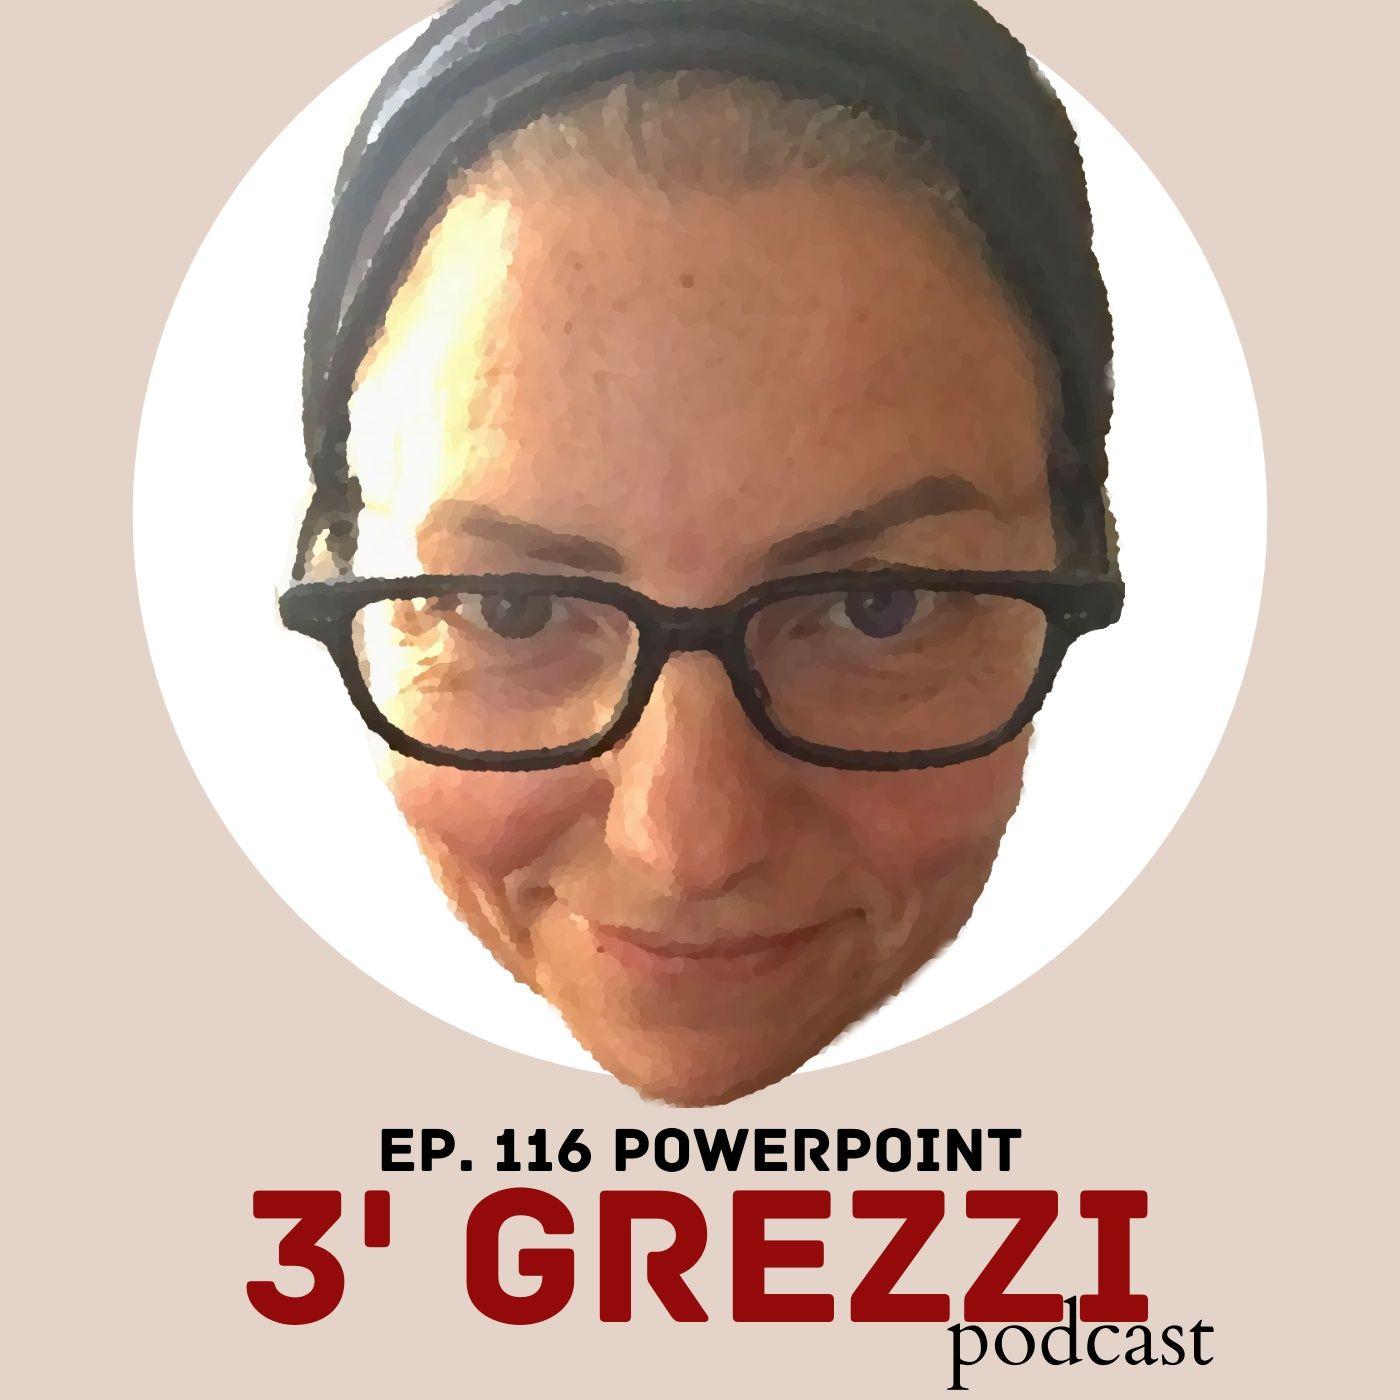 3' grezzi Ep. 116 Powerpoint